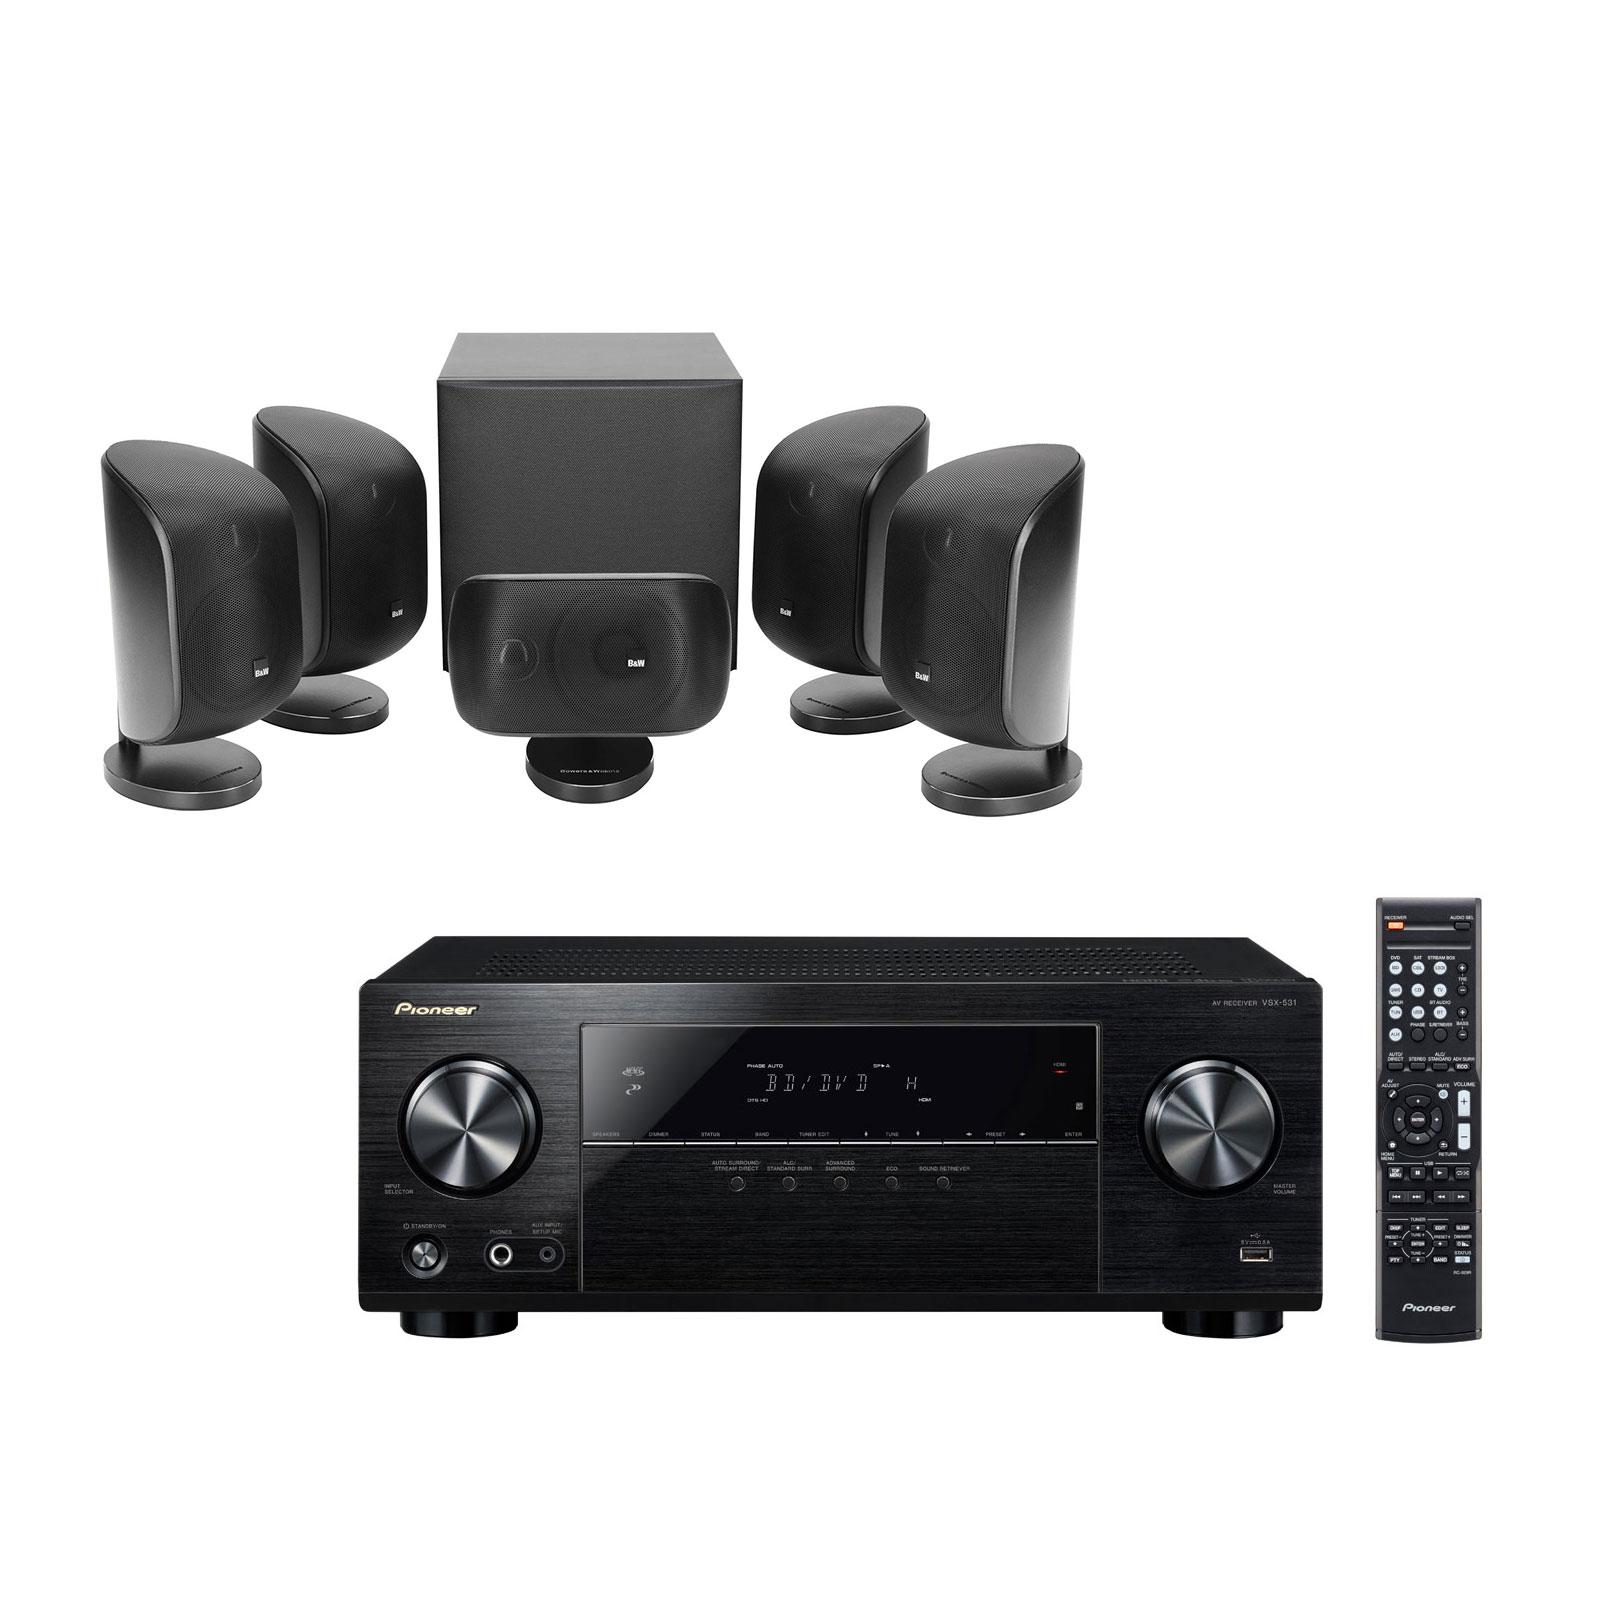 Ensemble home cinéma Pioneer VSX-531B + B&W MT-50 Noir Ampli-tuner Home Cinéma 5.1 Bluetooth, HDCP 2.2, et Upscaling Ultra HD 4K avec 4 entrées HDMI + Pack d'enceintes compactes 5.1 avec caisson de graves